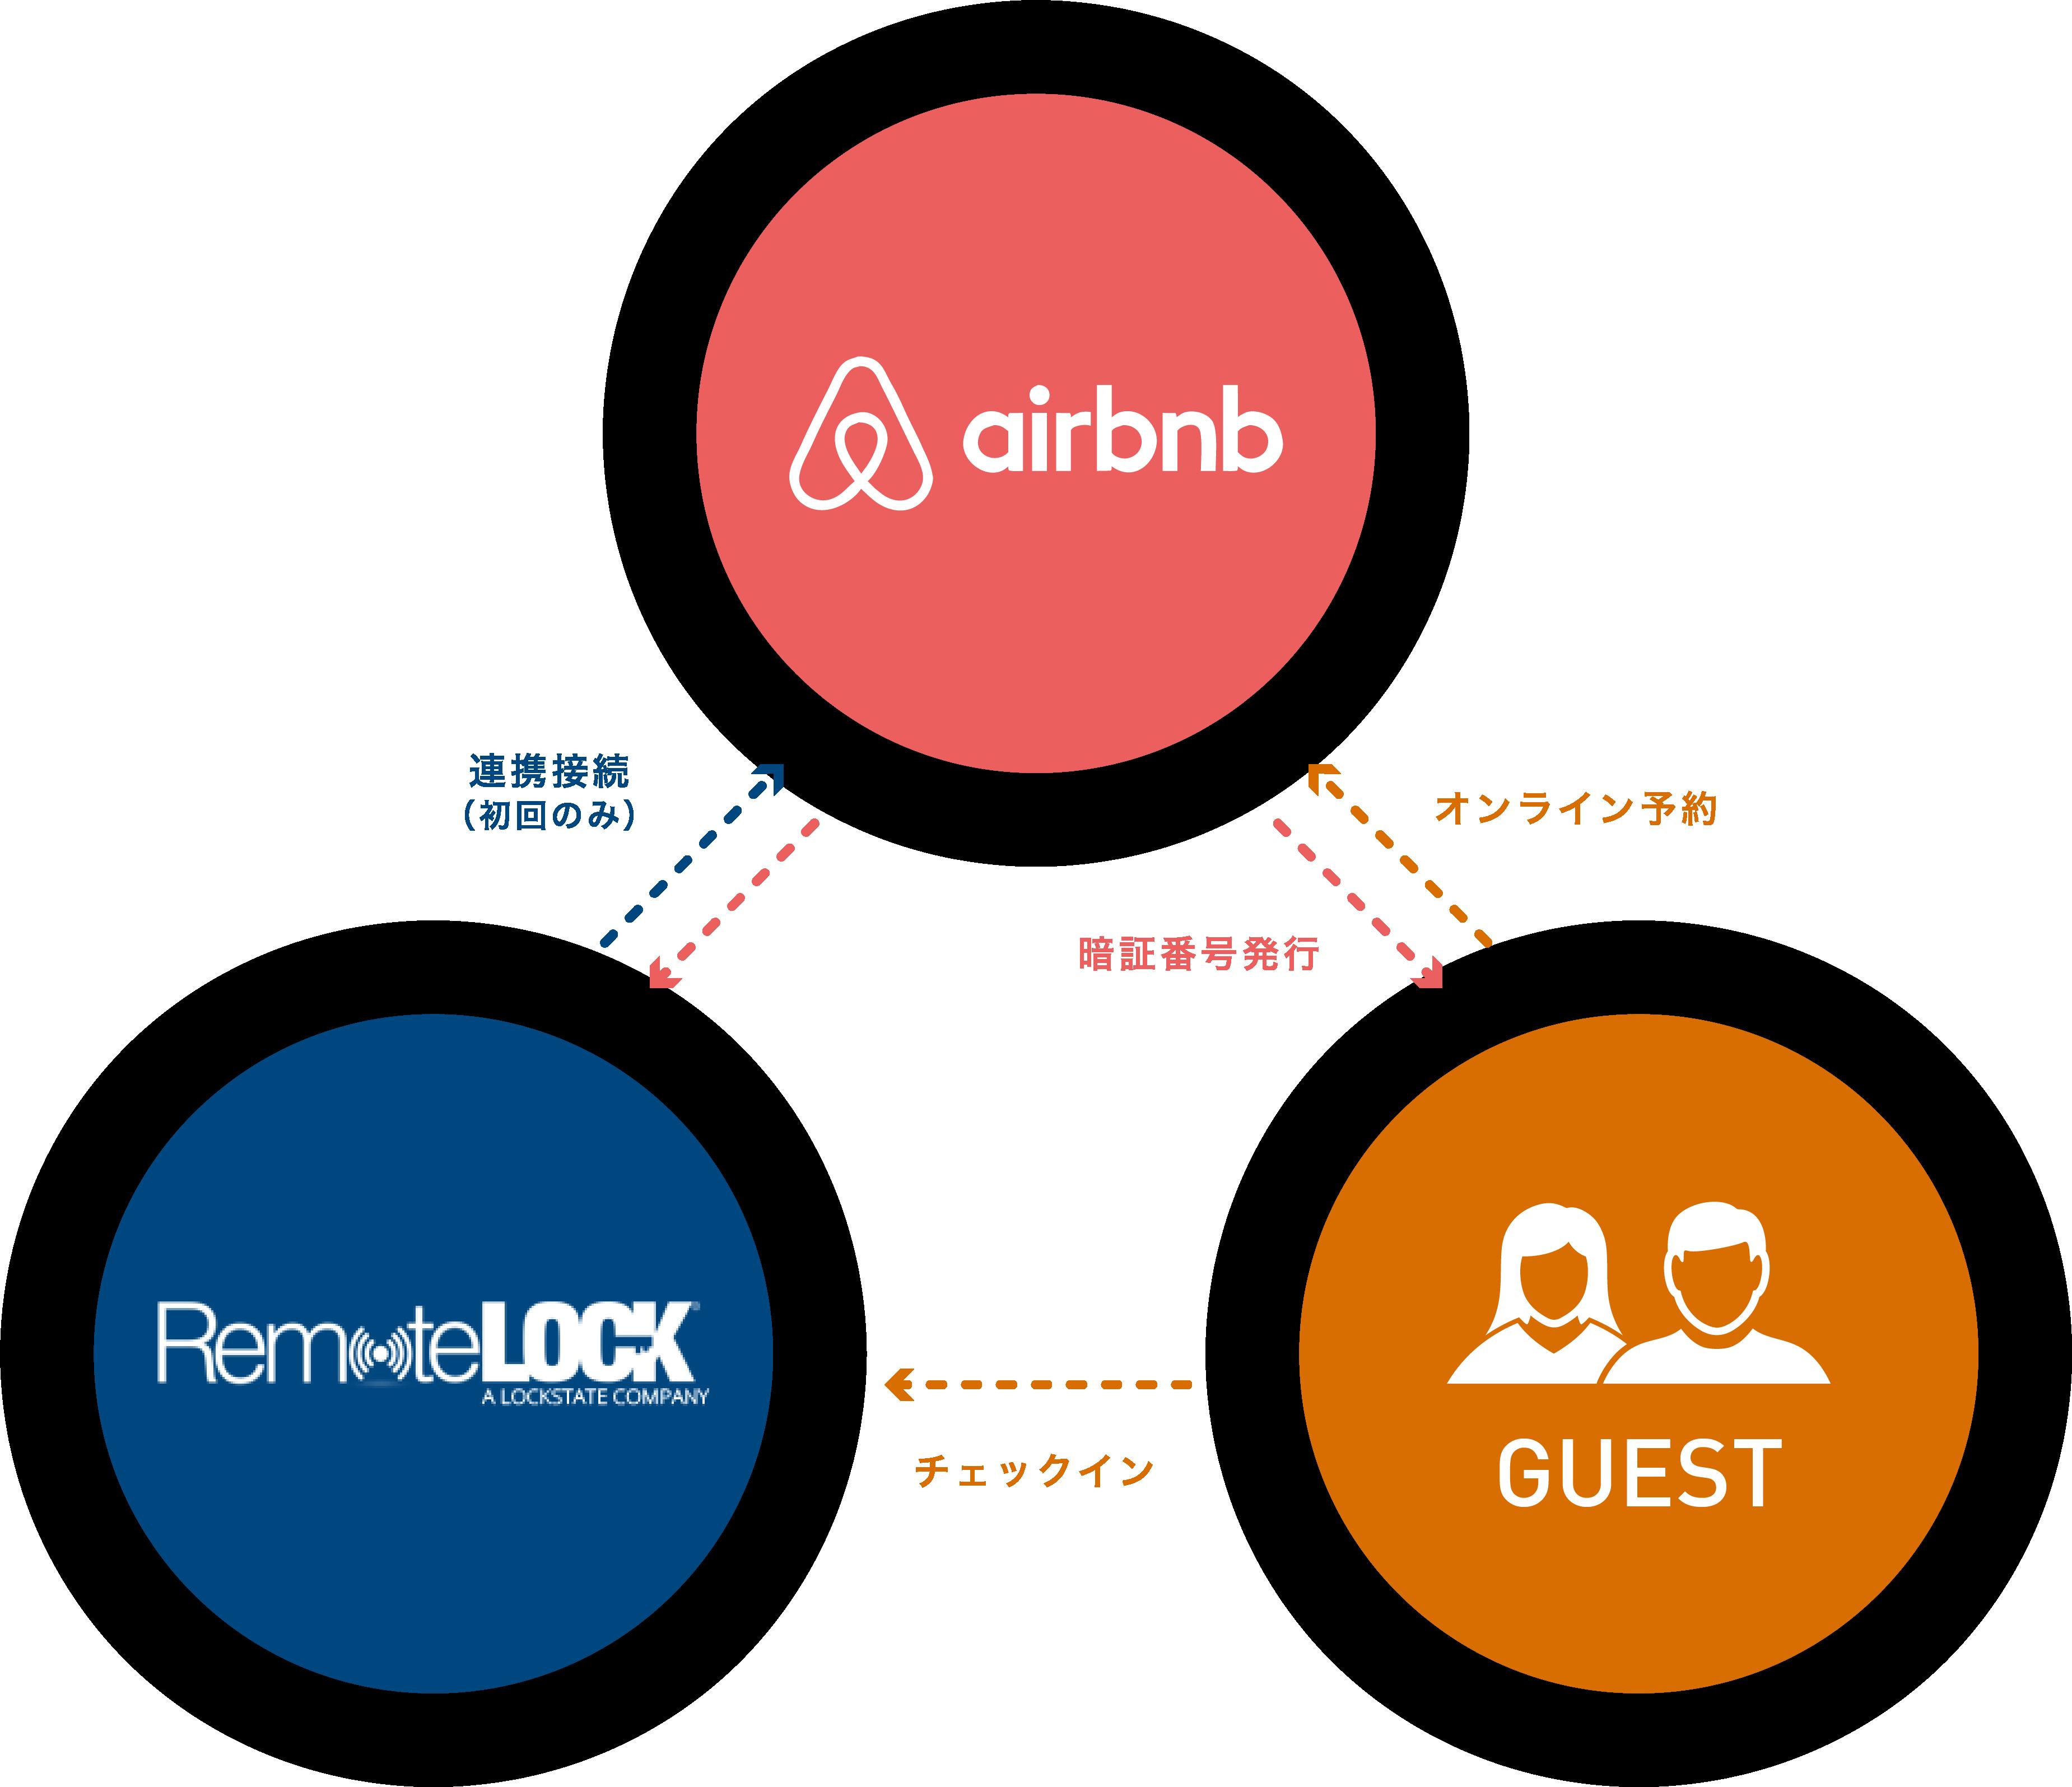 airbnbのシステム連動